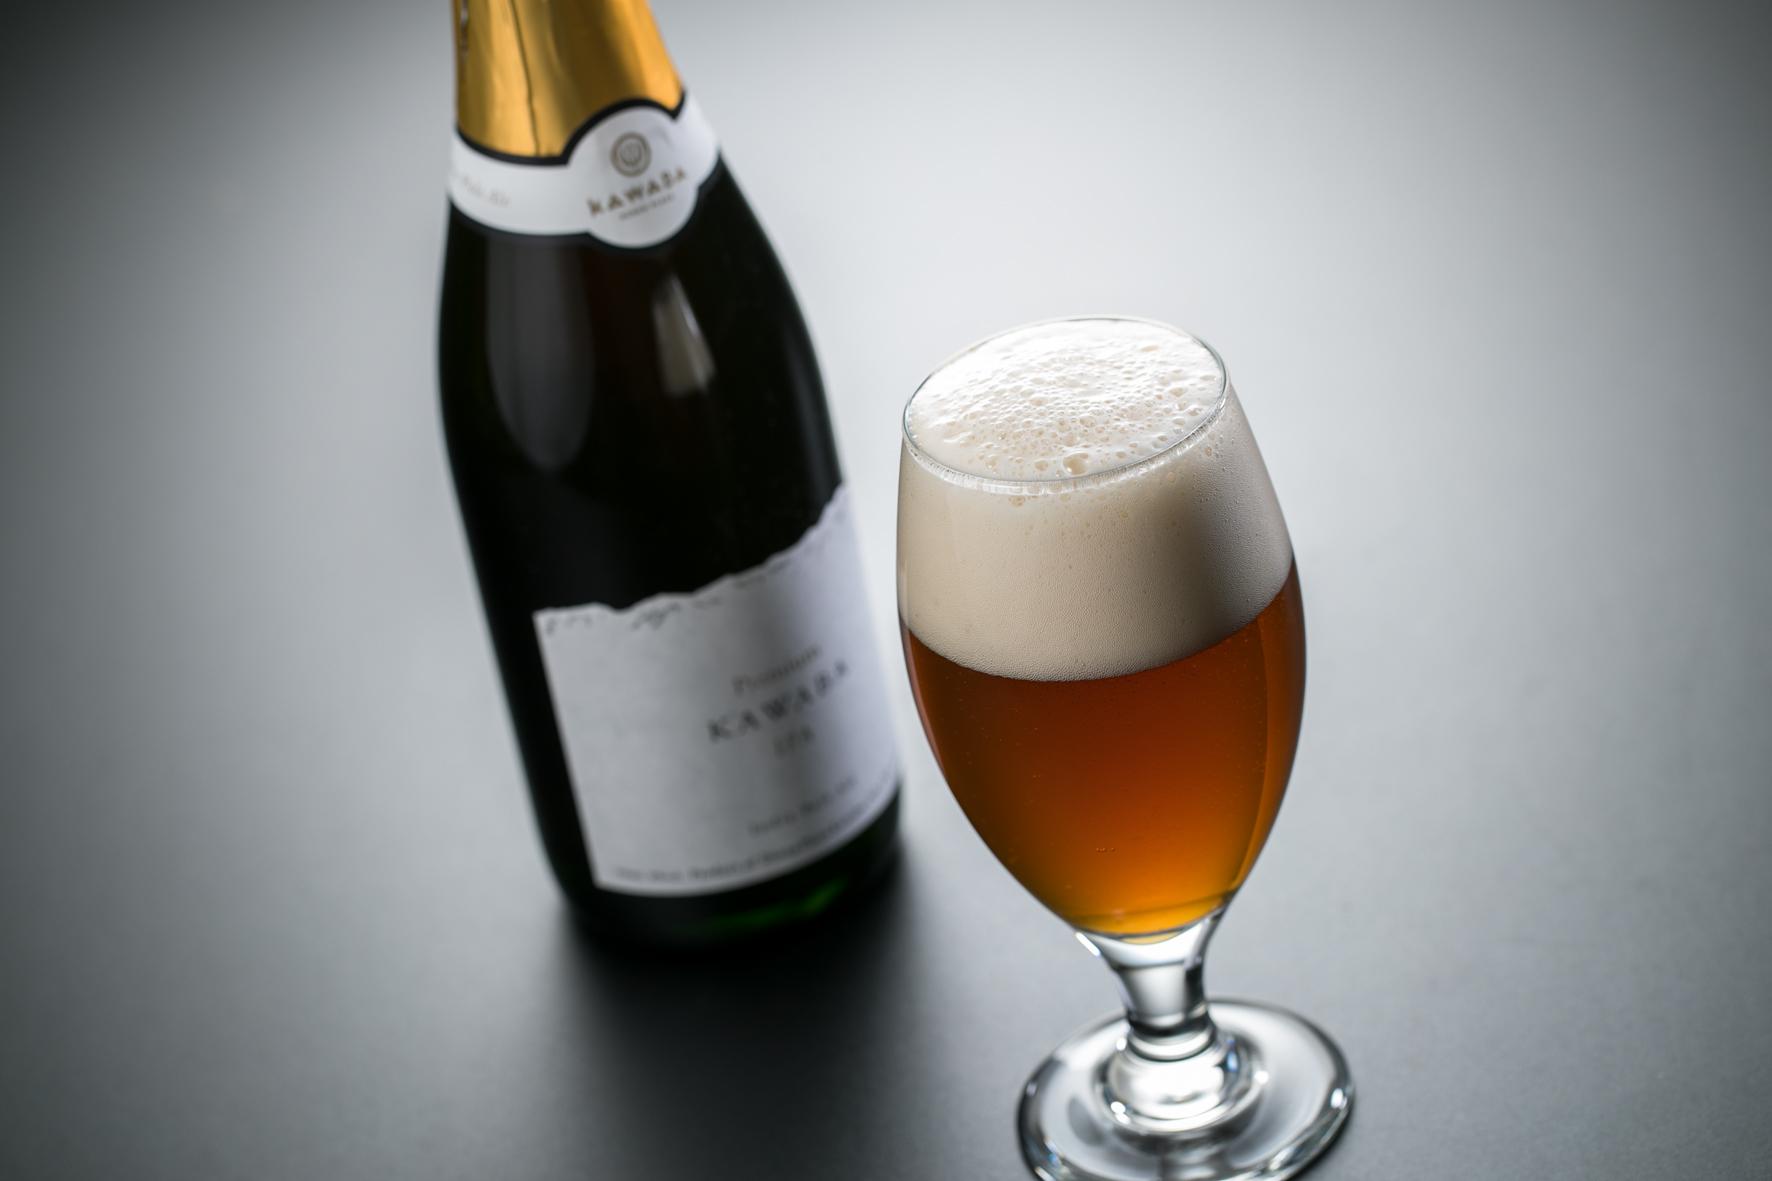 川場ビール IPAの商品詳細イメージ-1759